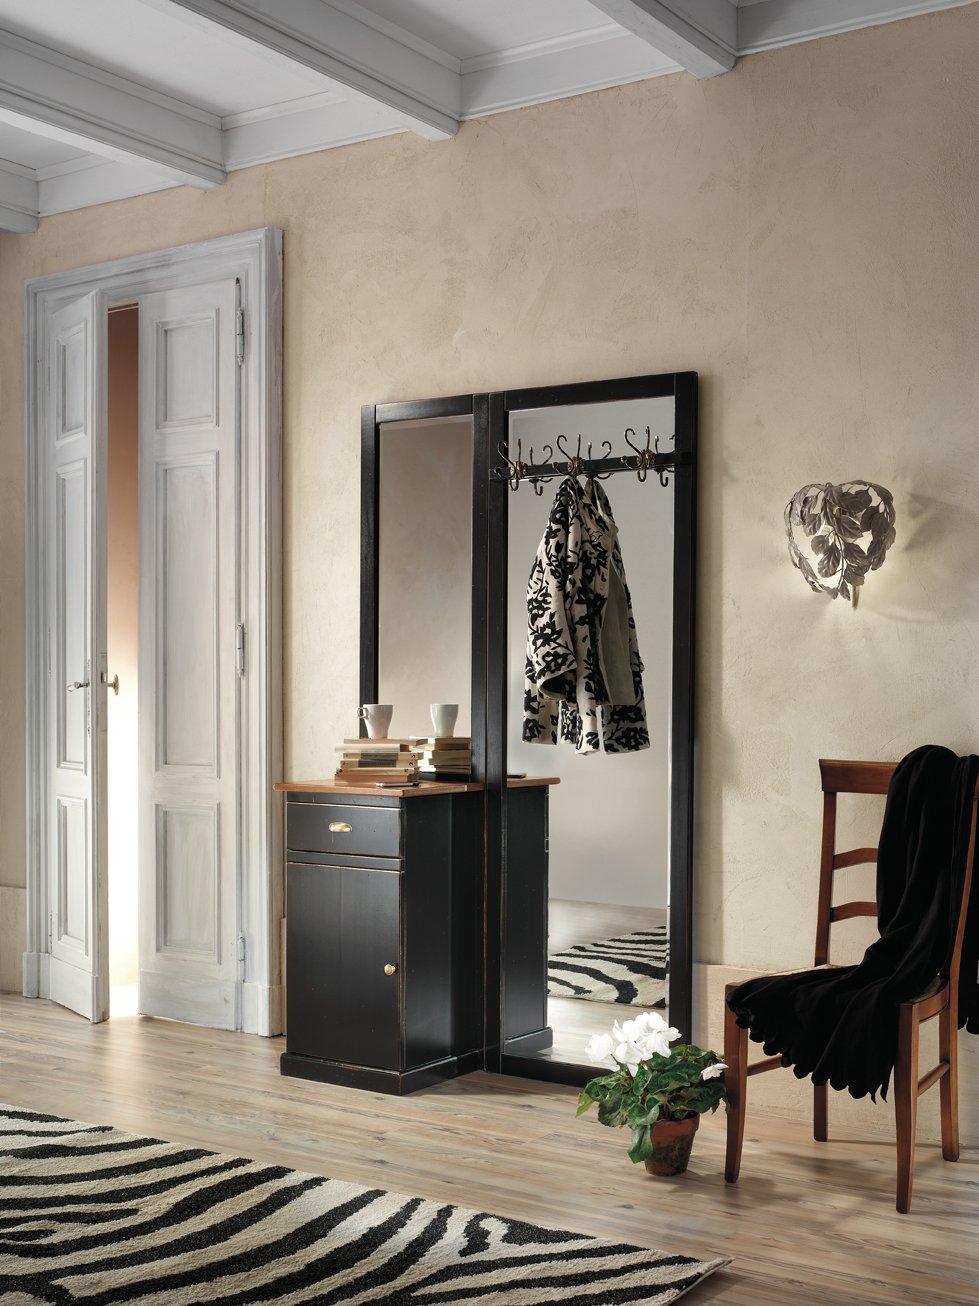 Appendiabiti con specchi mobili in stile linea la maison - La maison mobili ...